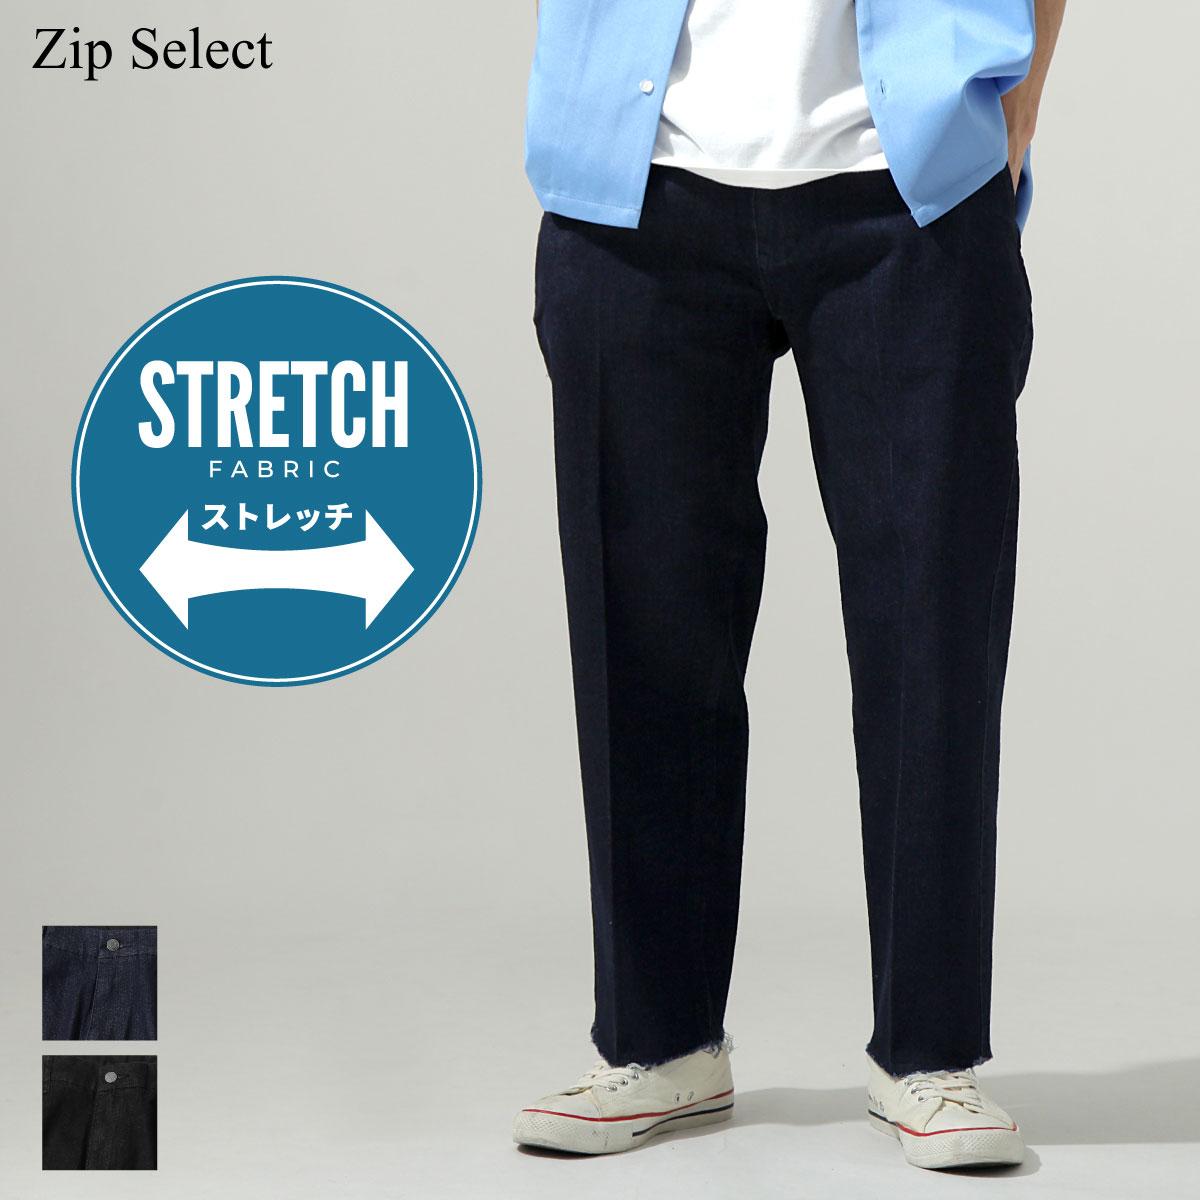 【New】ZIP 丹寧寬褲 立體折線 0